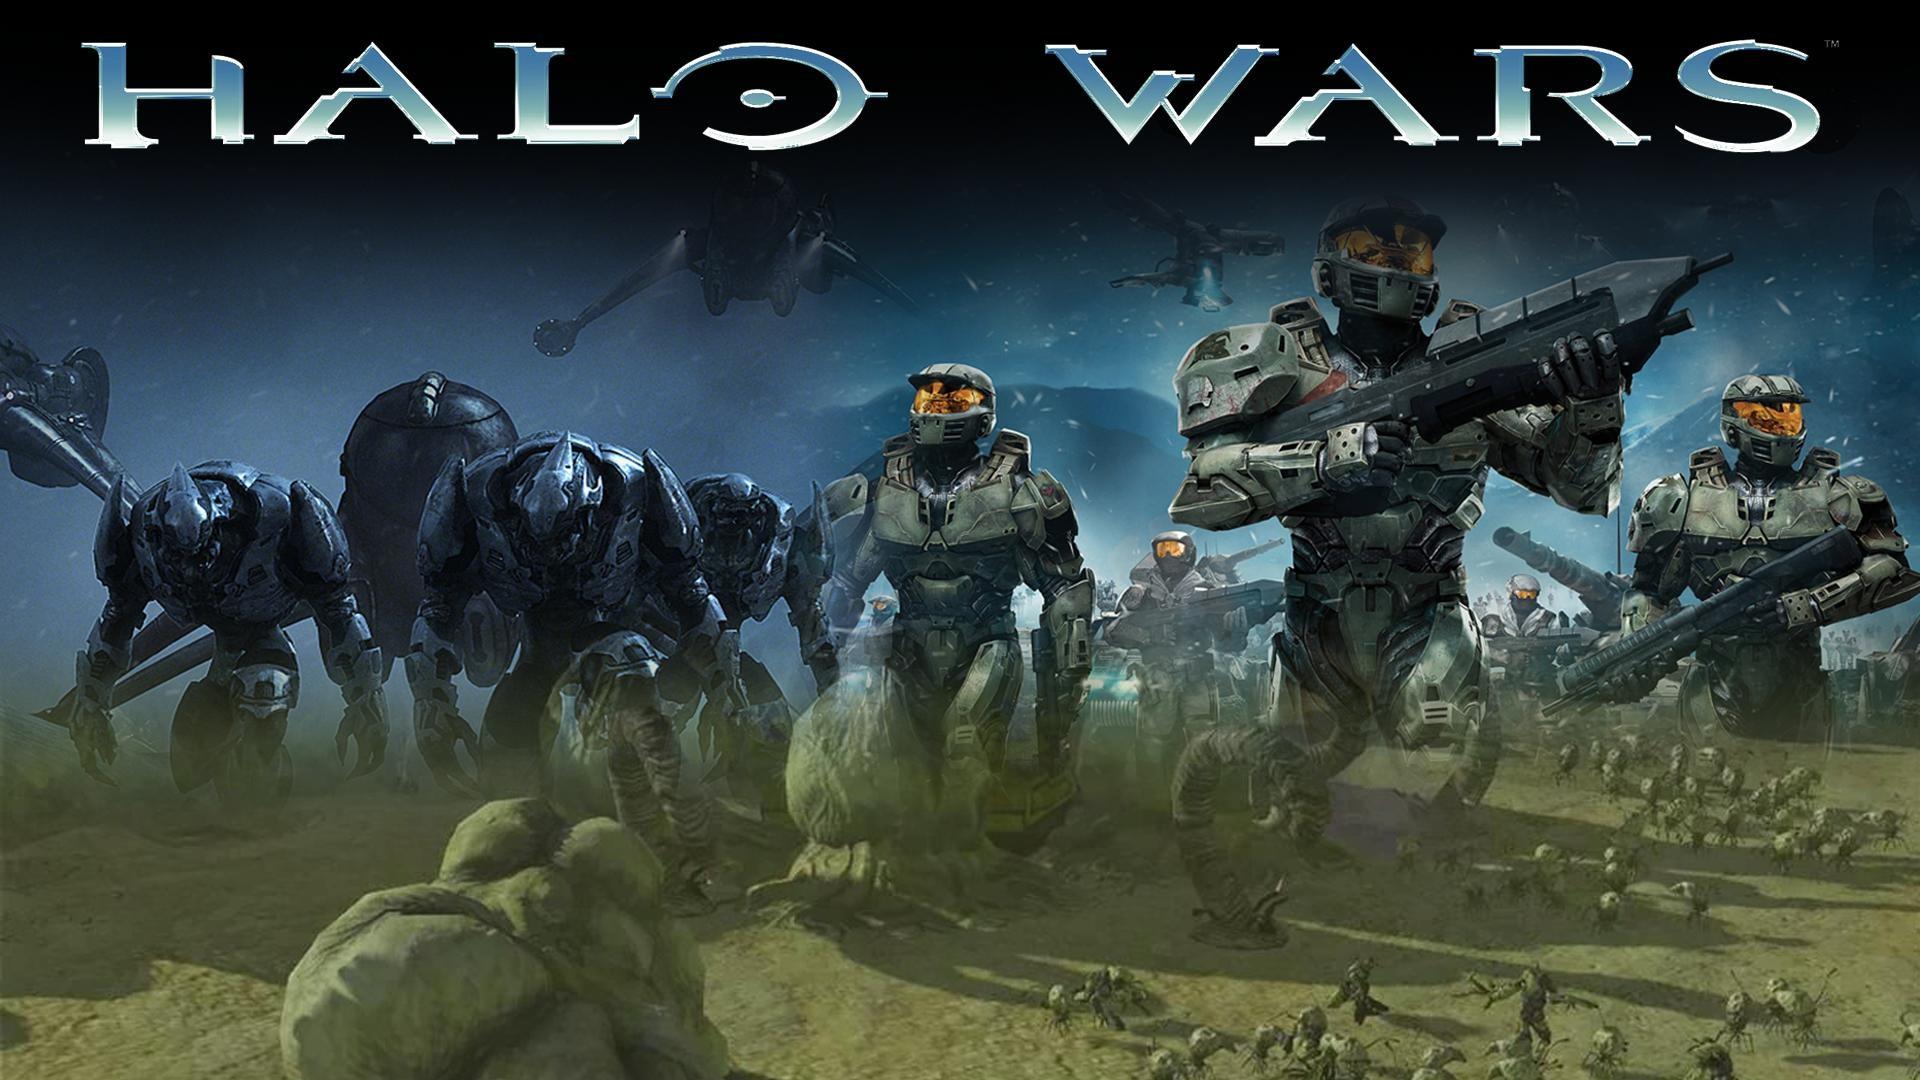 de juegos Halo Wars fondos de Halo Wars wallpapers de Halo Wars